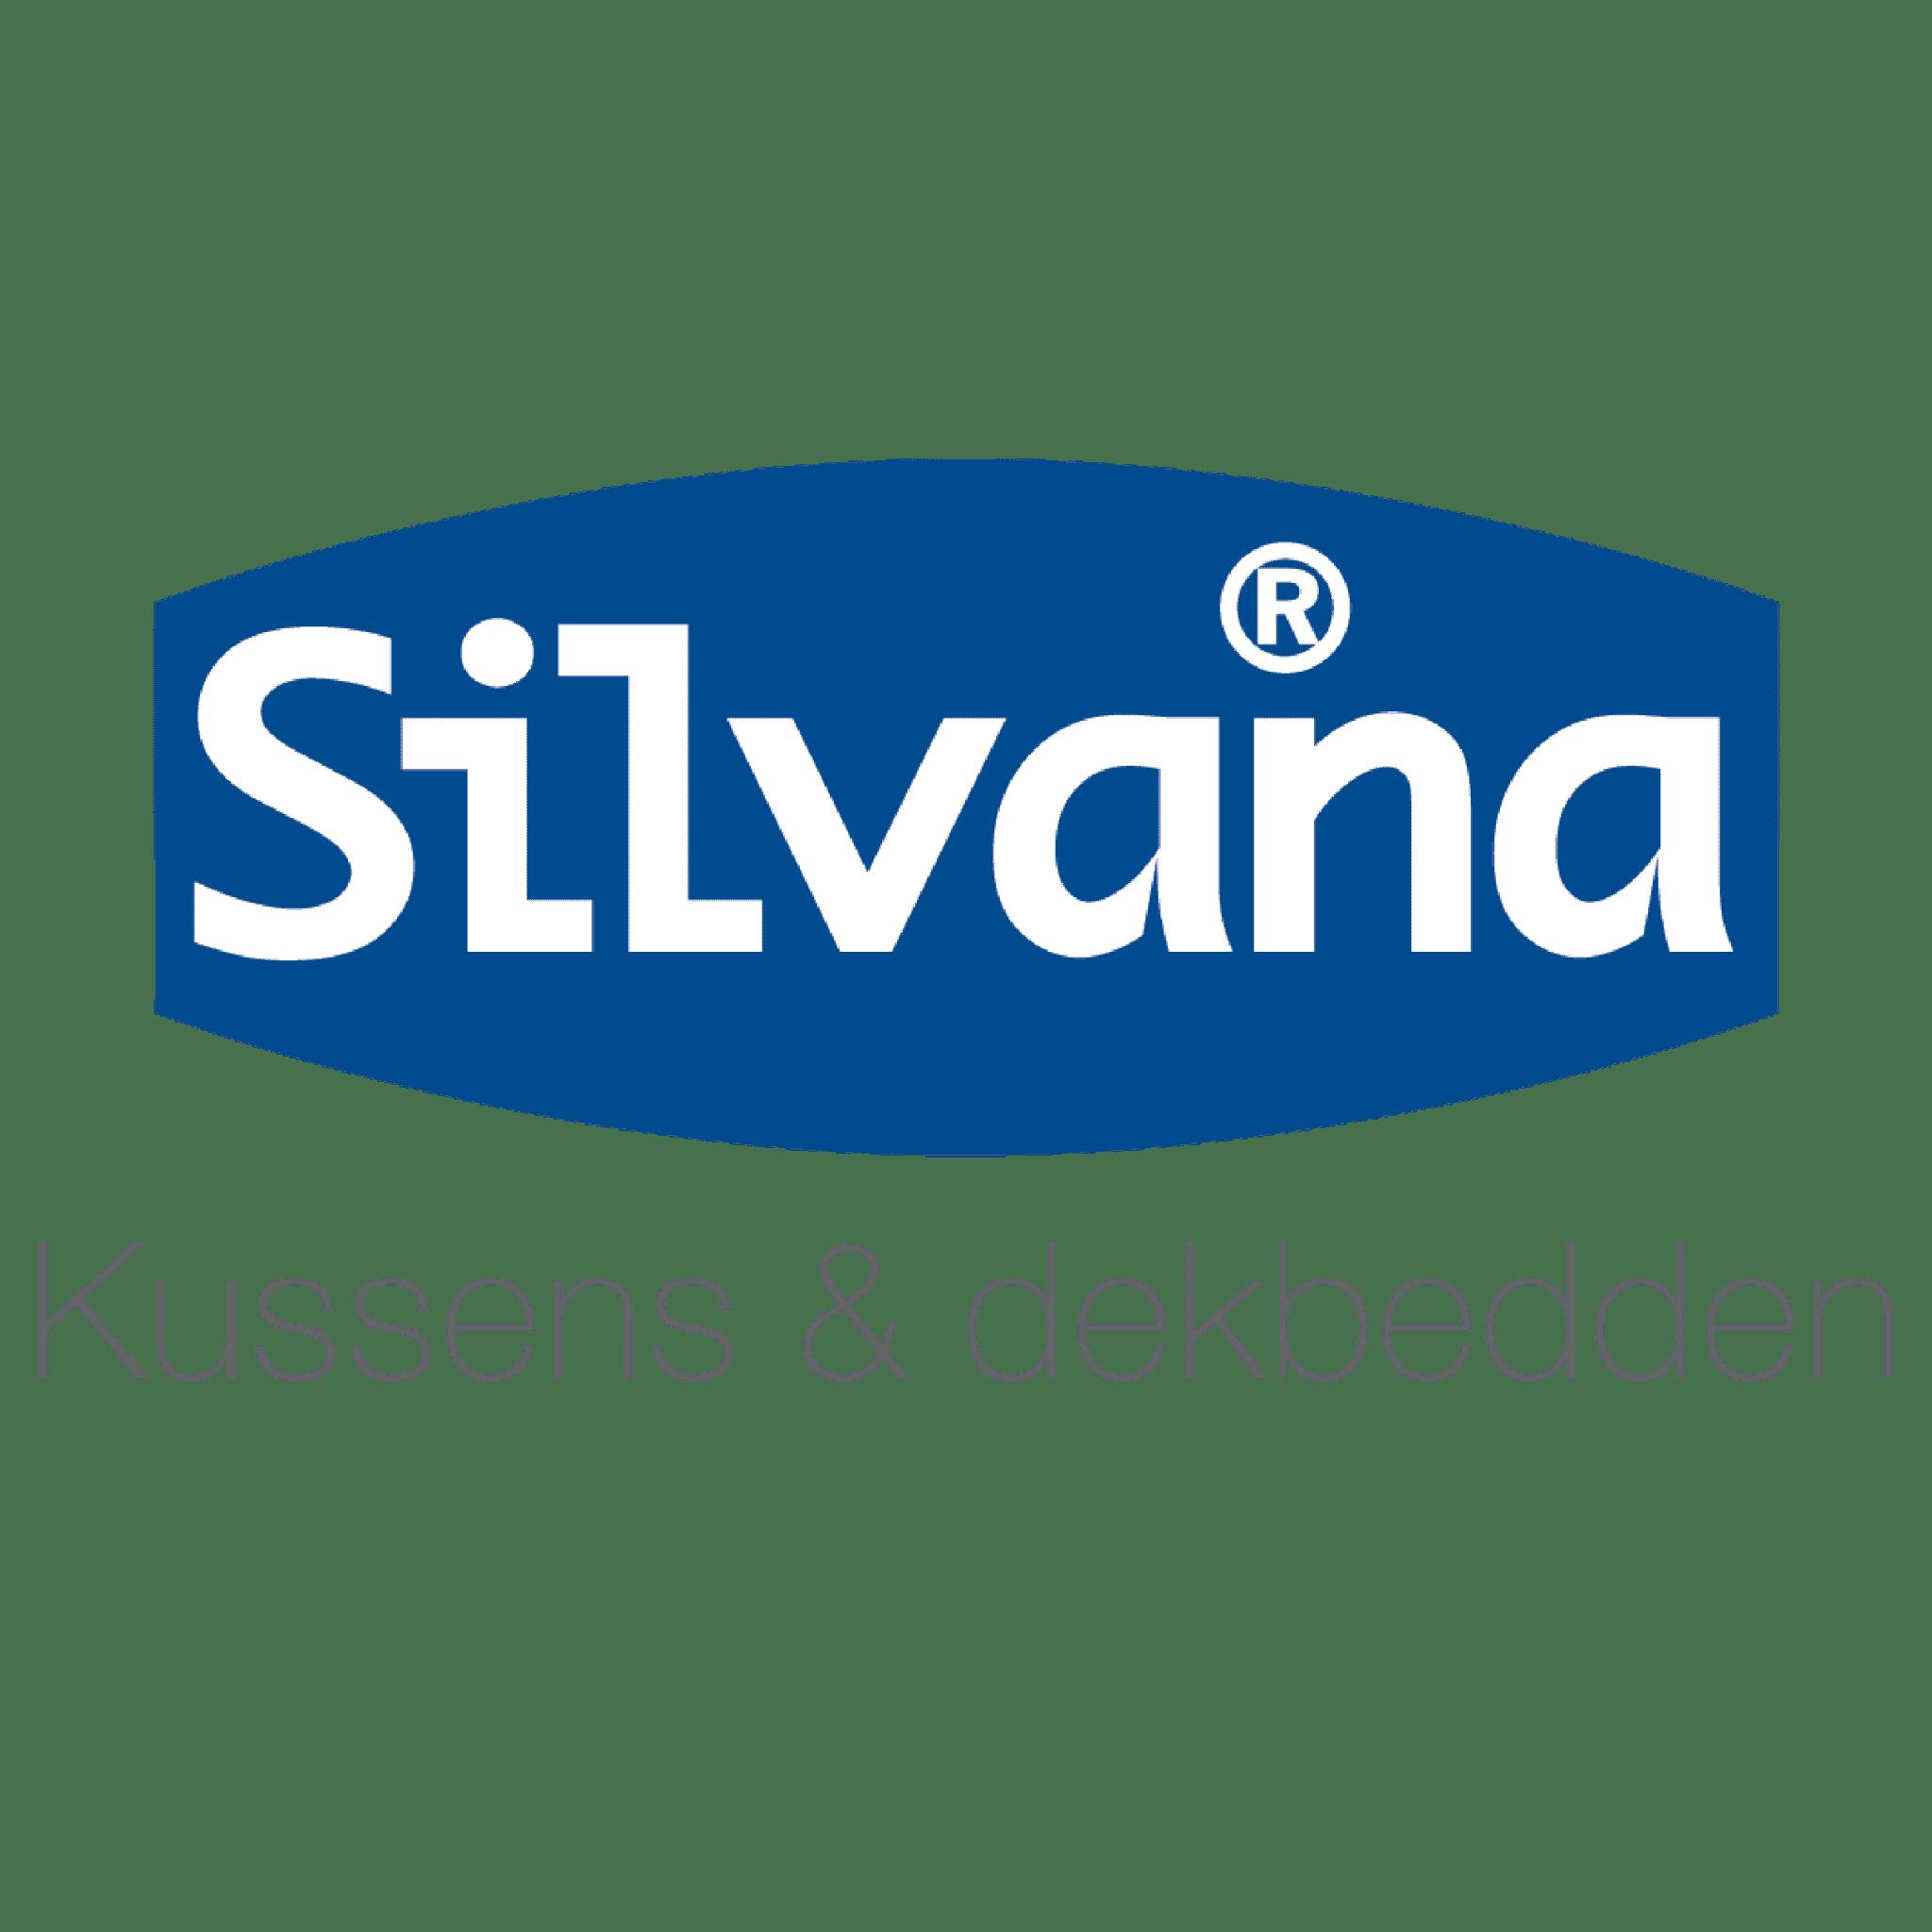 silvana-01-_002_